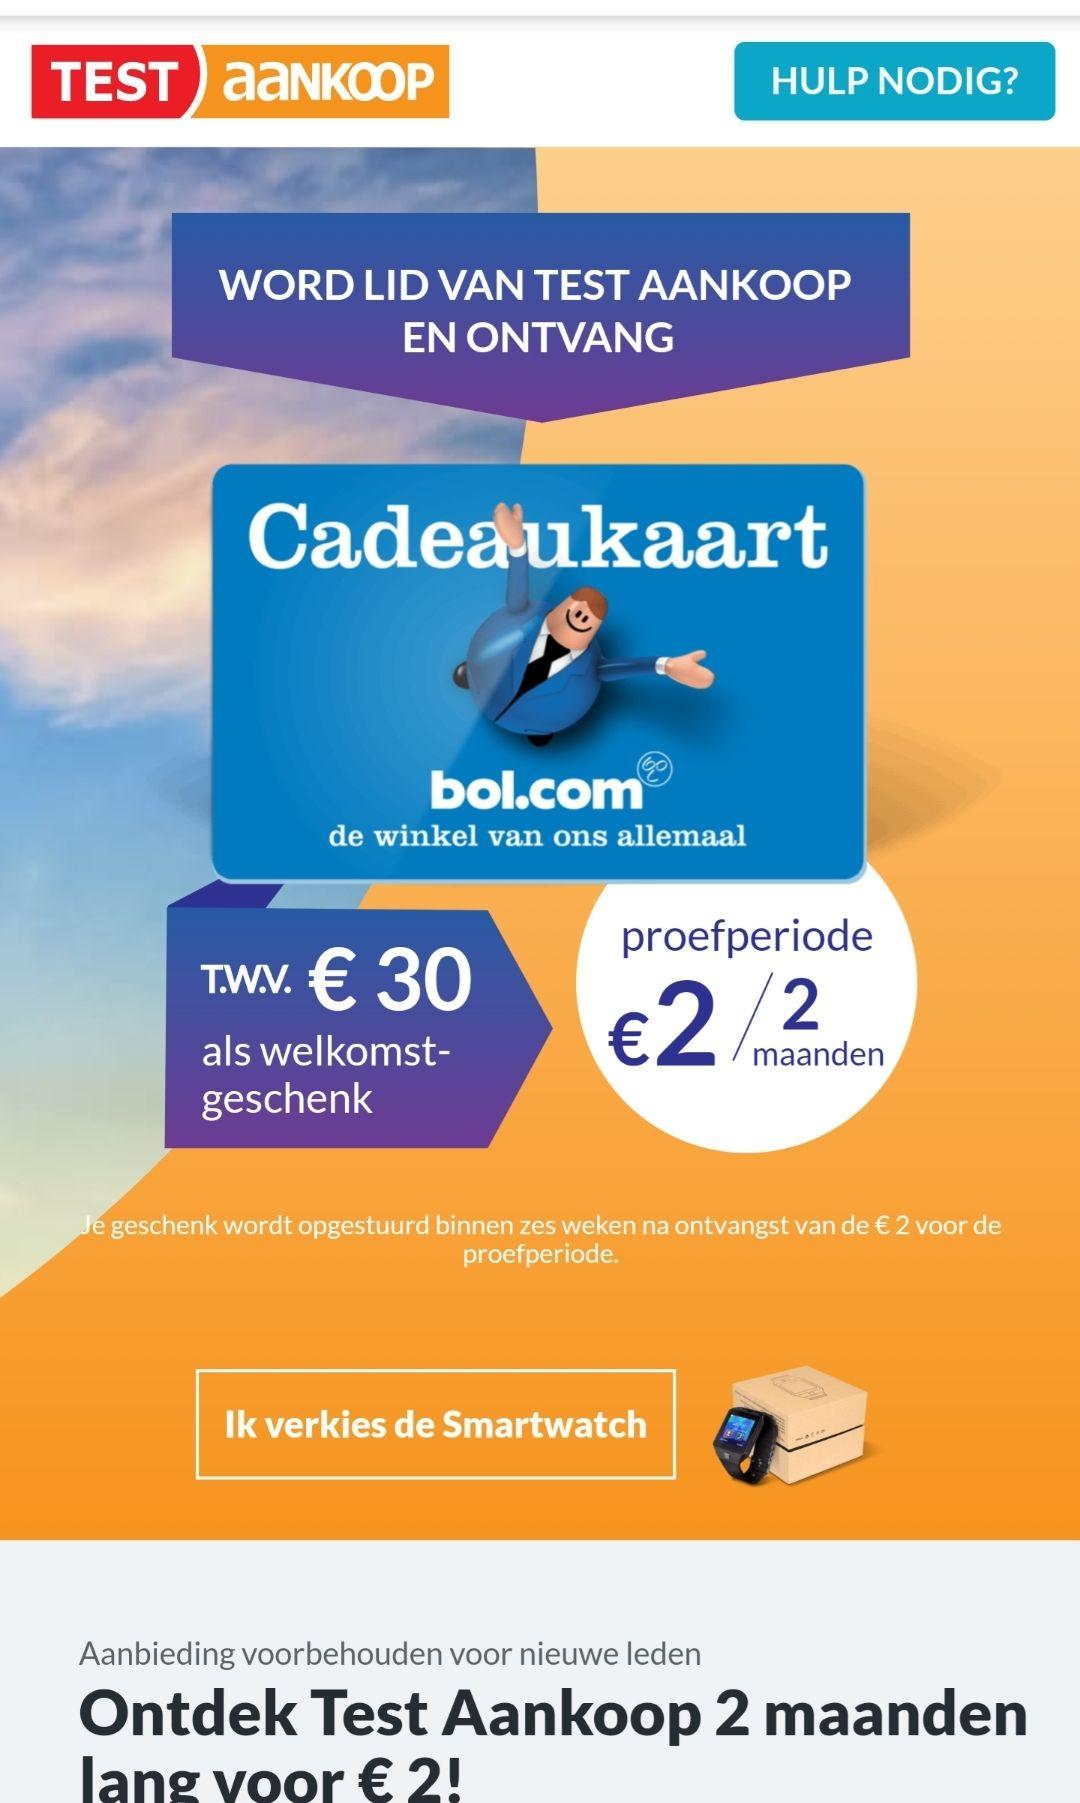 [België] Gratis Bol.com giftcard twv €30 of smartwatch voor nieuwe abonnees Test-Aankoop